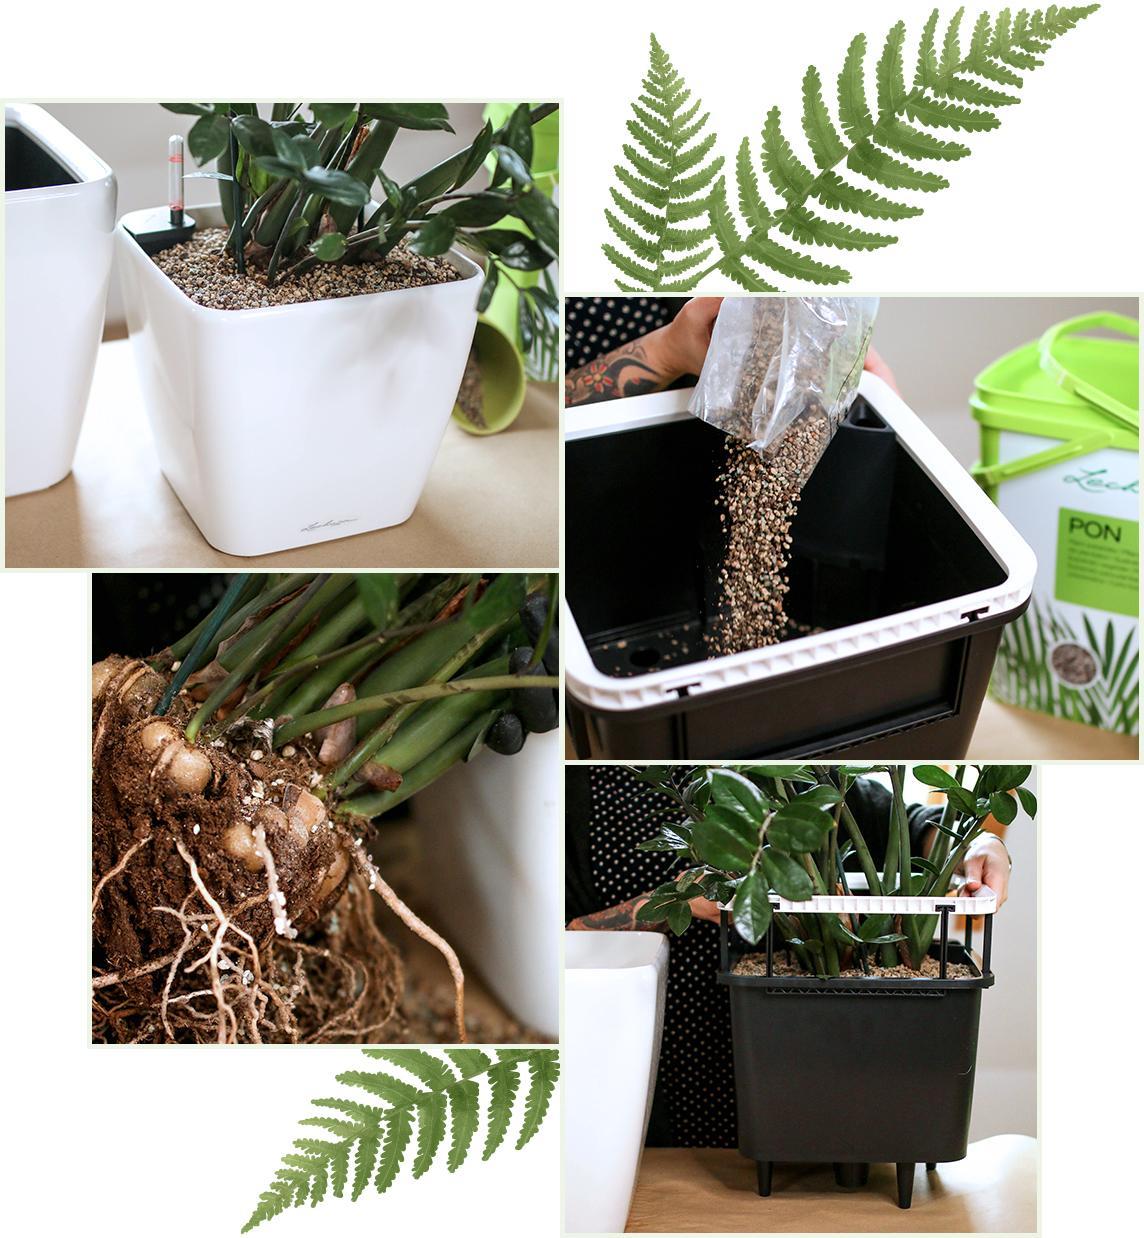 le_tw-indoorplants_frischekur_umtopfen